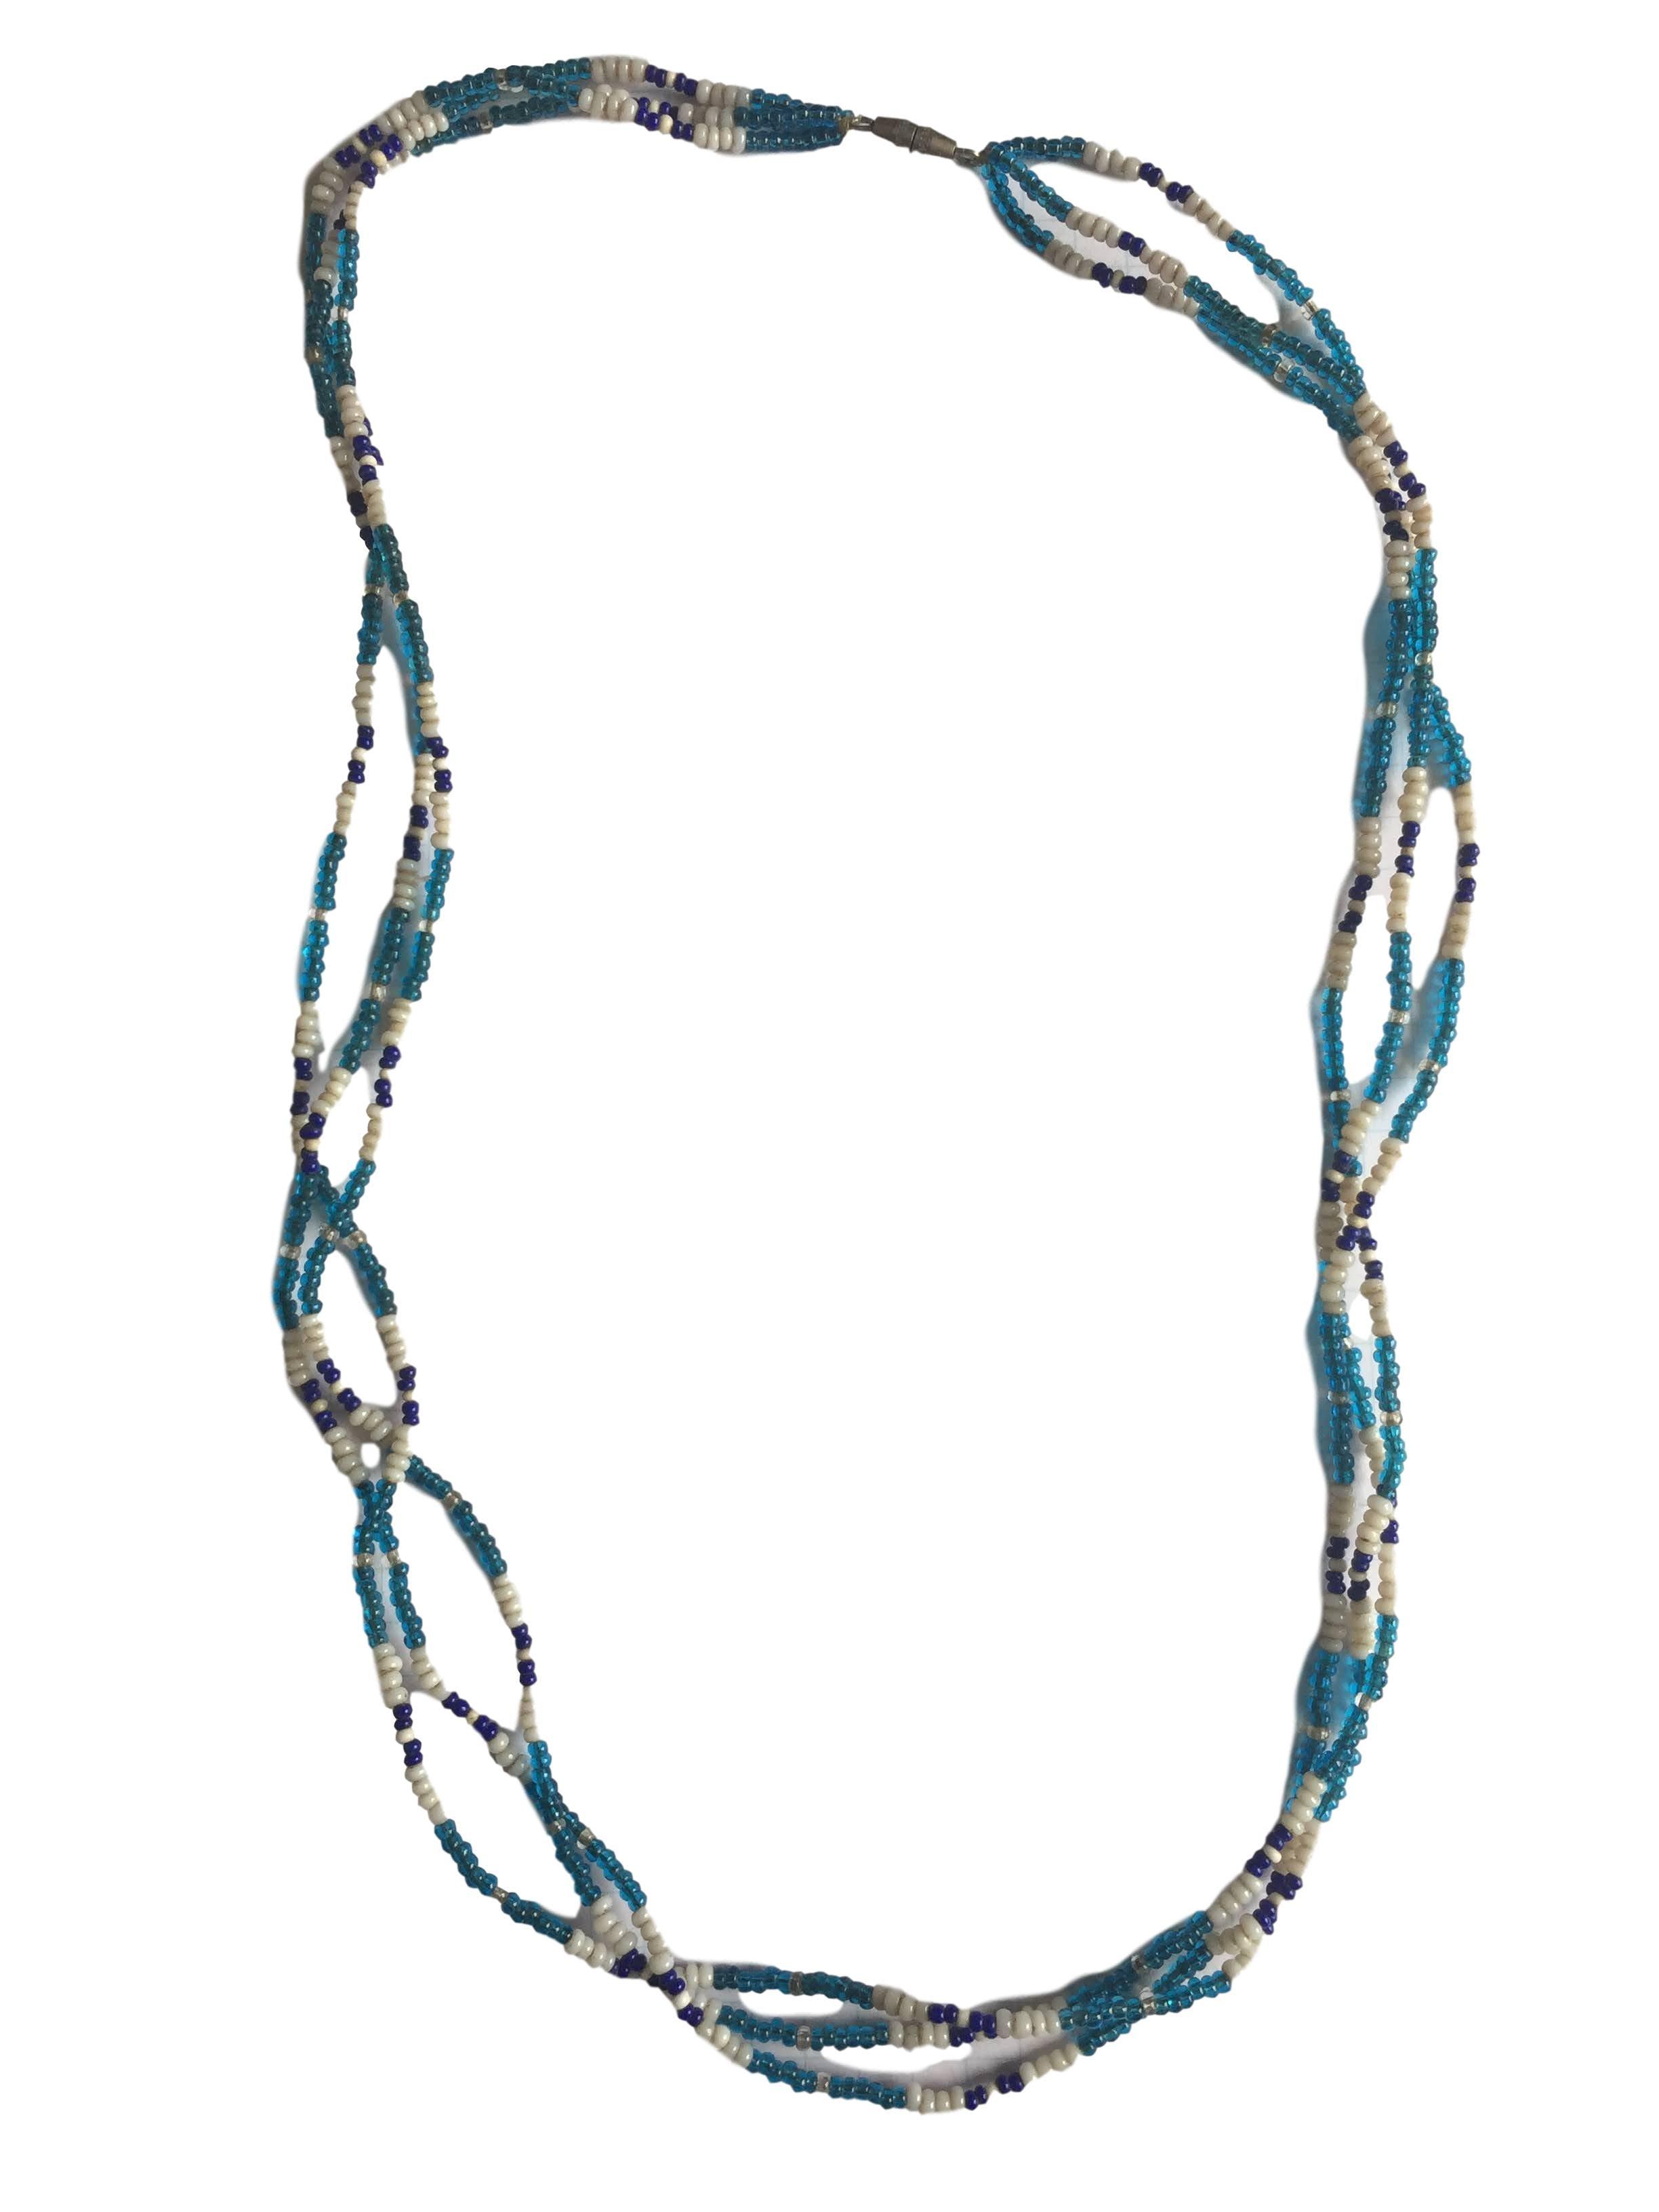 Collar de tres filas de mostacillas en tonos azules y blancos. Circunferencia 62cm